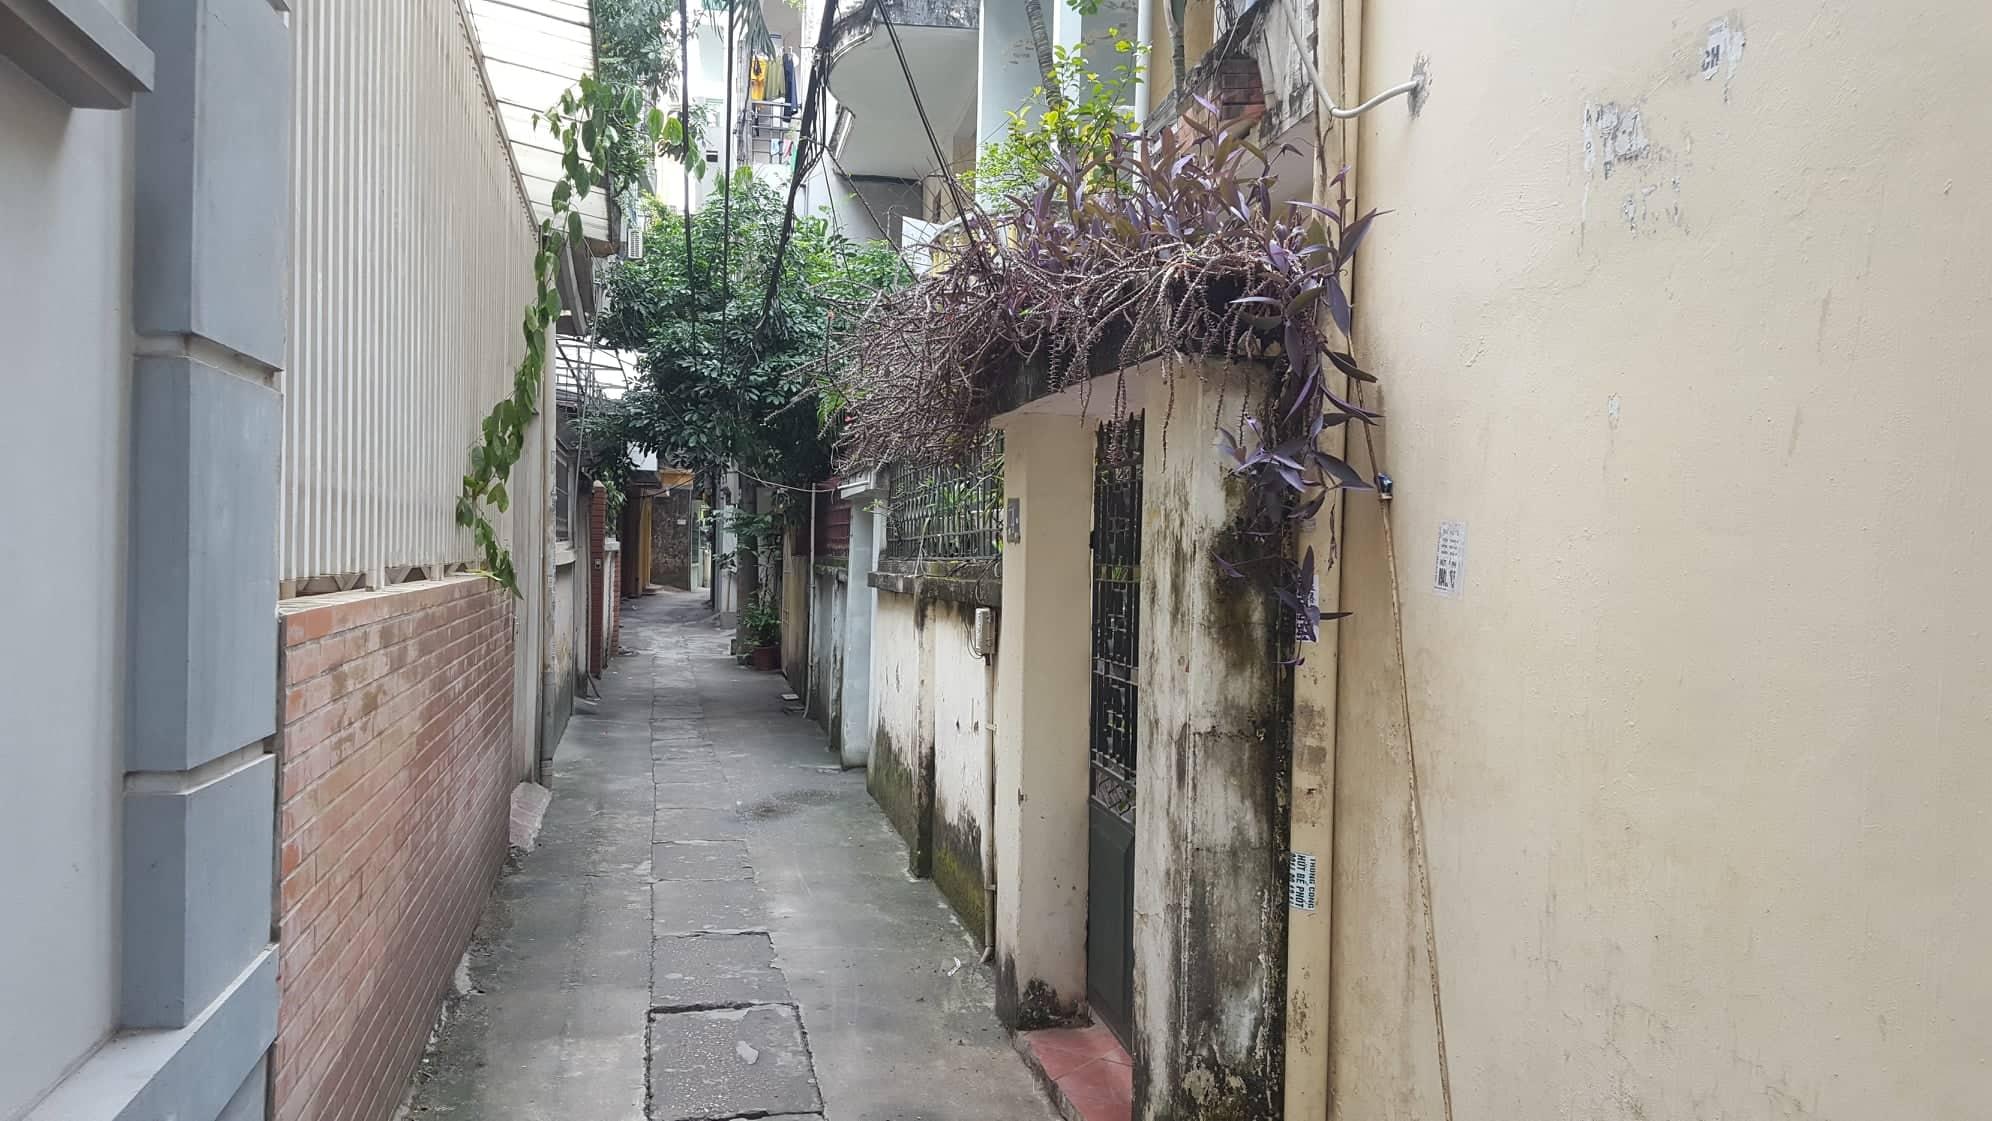 ベトナムで格安アパートを借りる方法を紹介・1万円台の物件多数